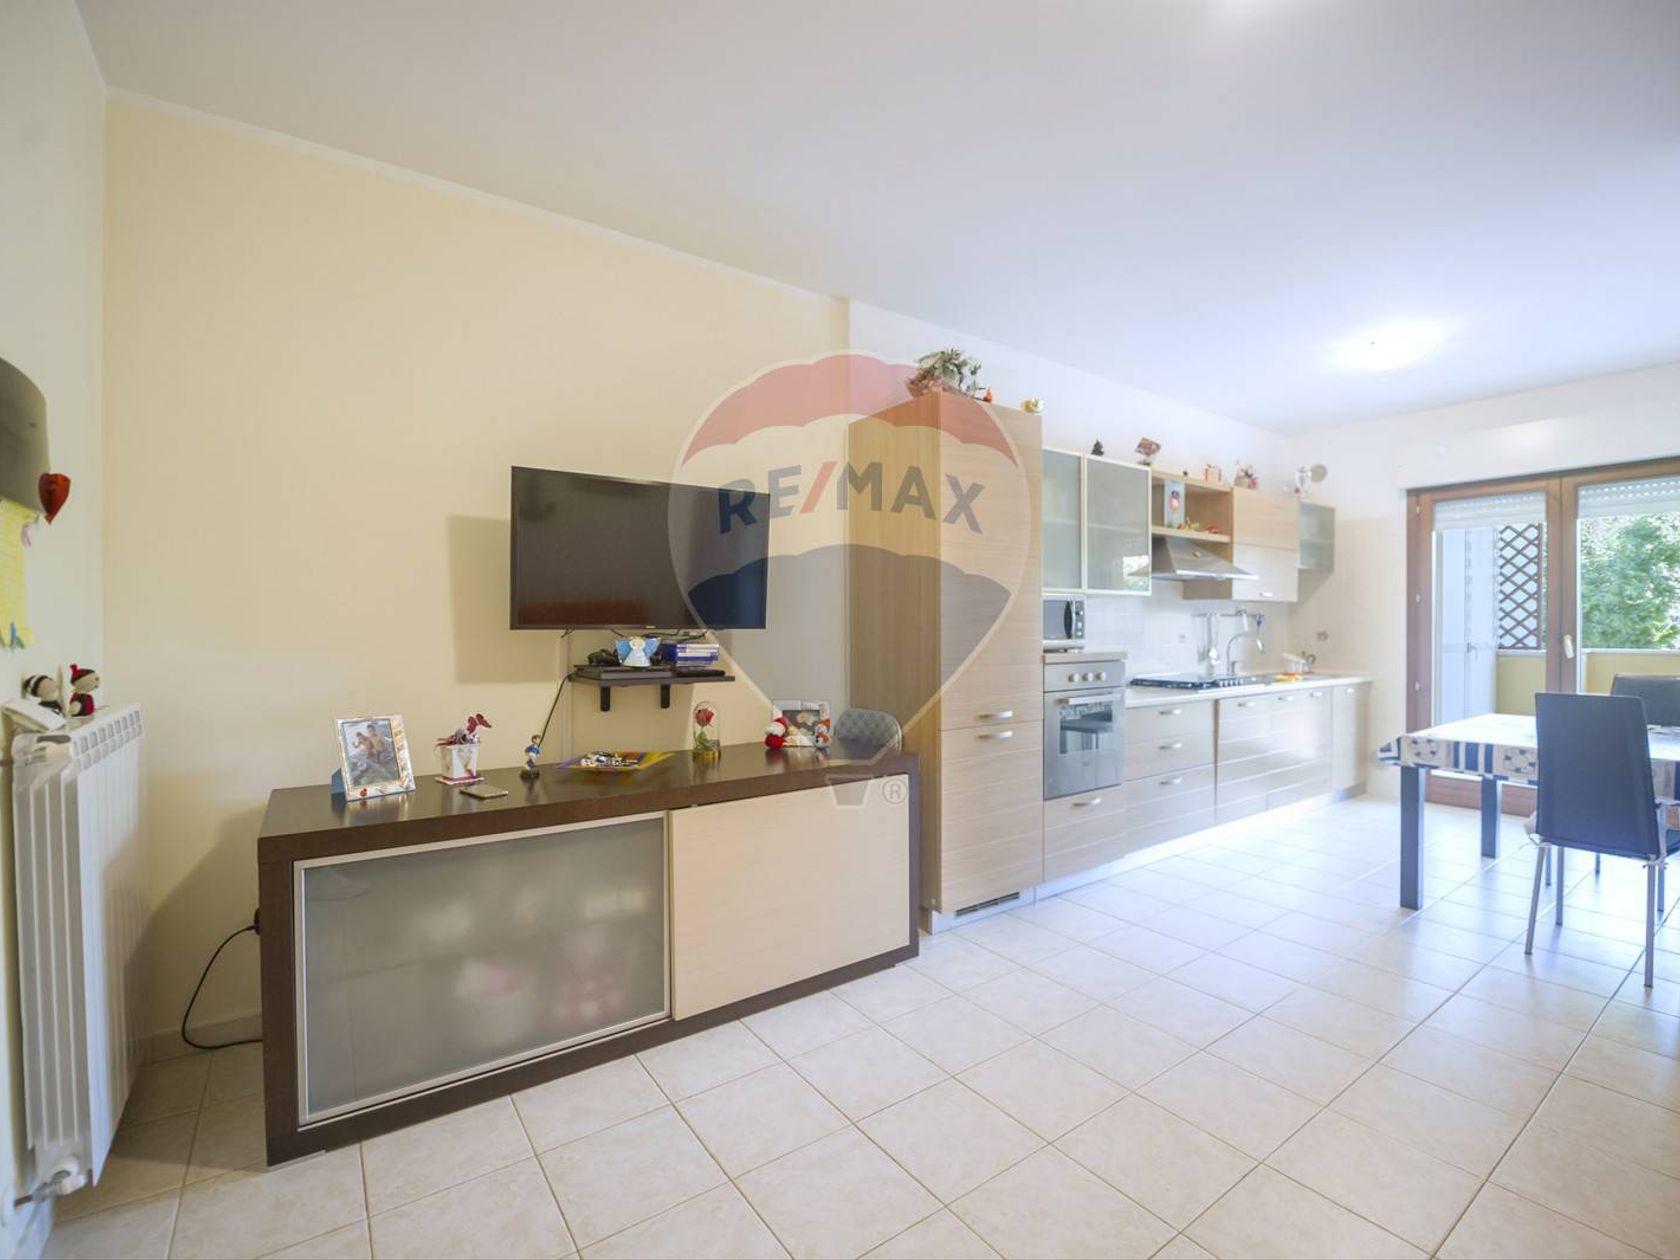 Appartamento Madonna delle Piane, Chieti, CH Vendita - Foto 9